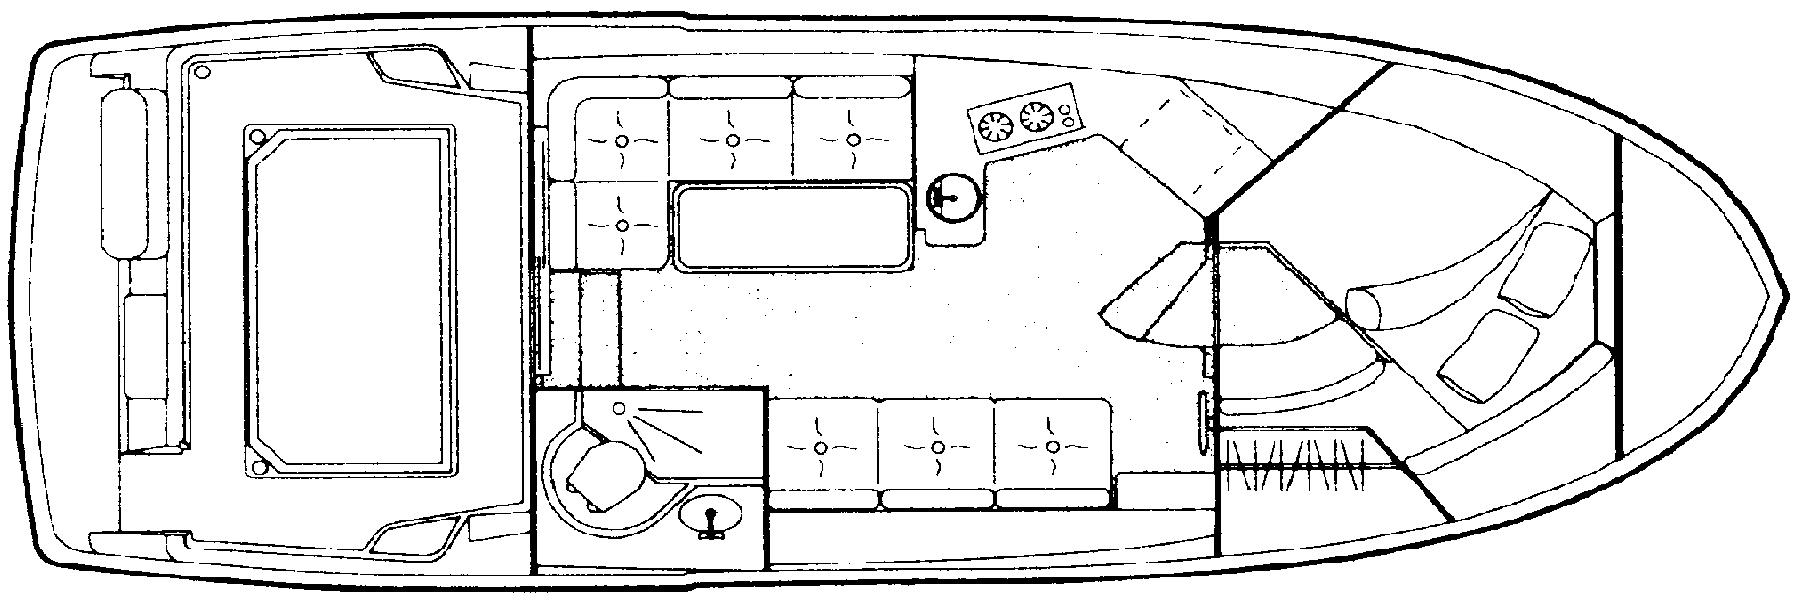 320 Voyager Floor Plan 2